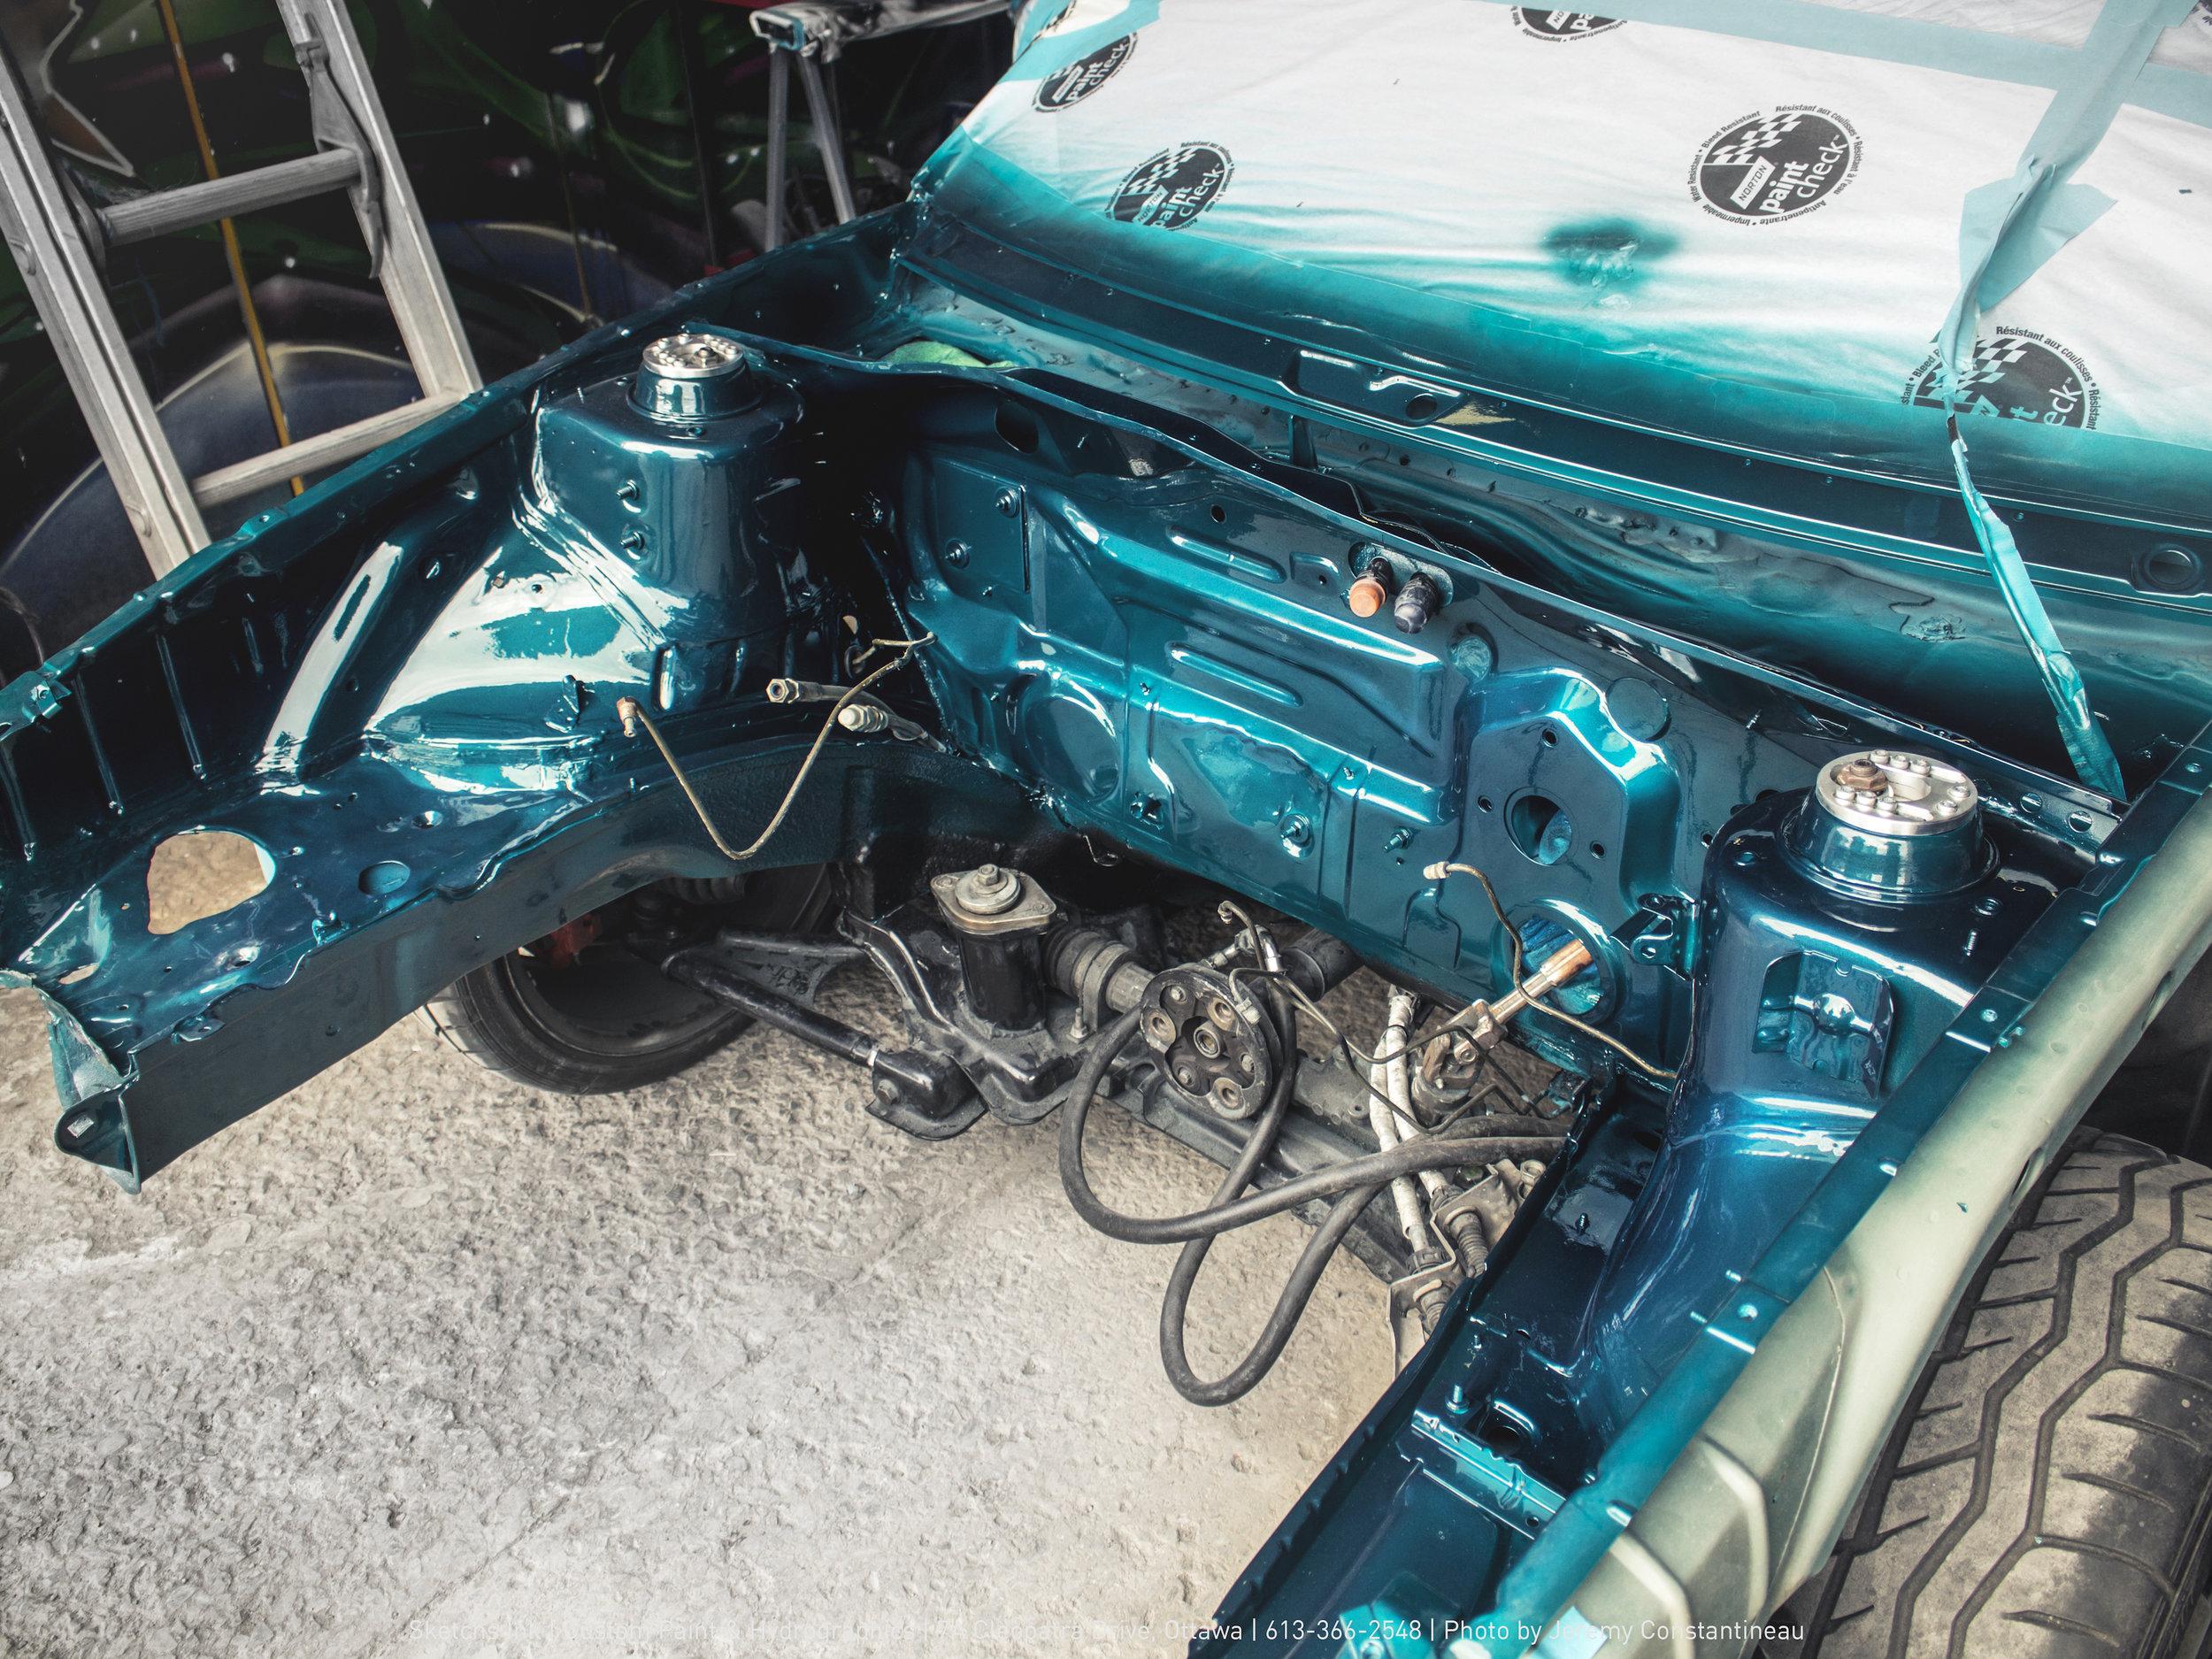 VW corrado engine bay turbo ottawa sketchs ink